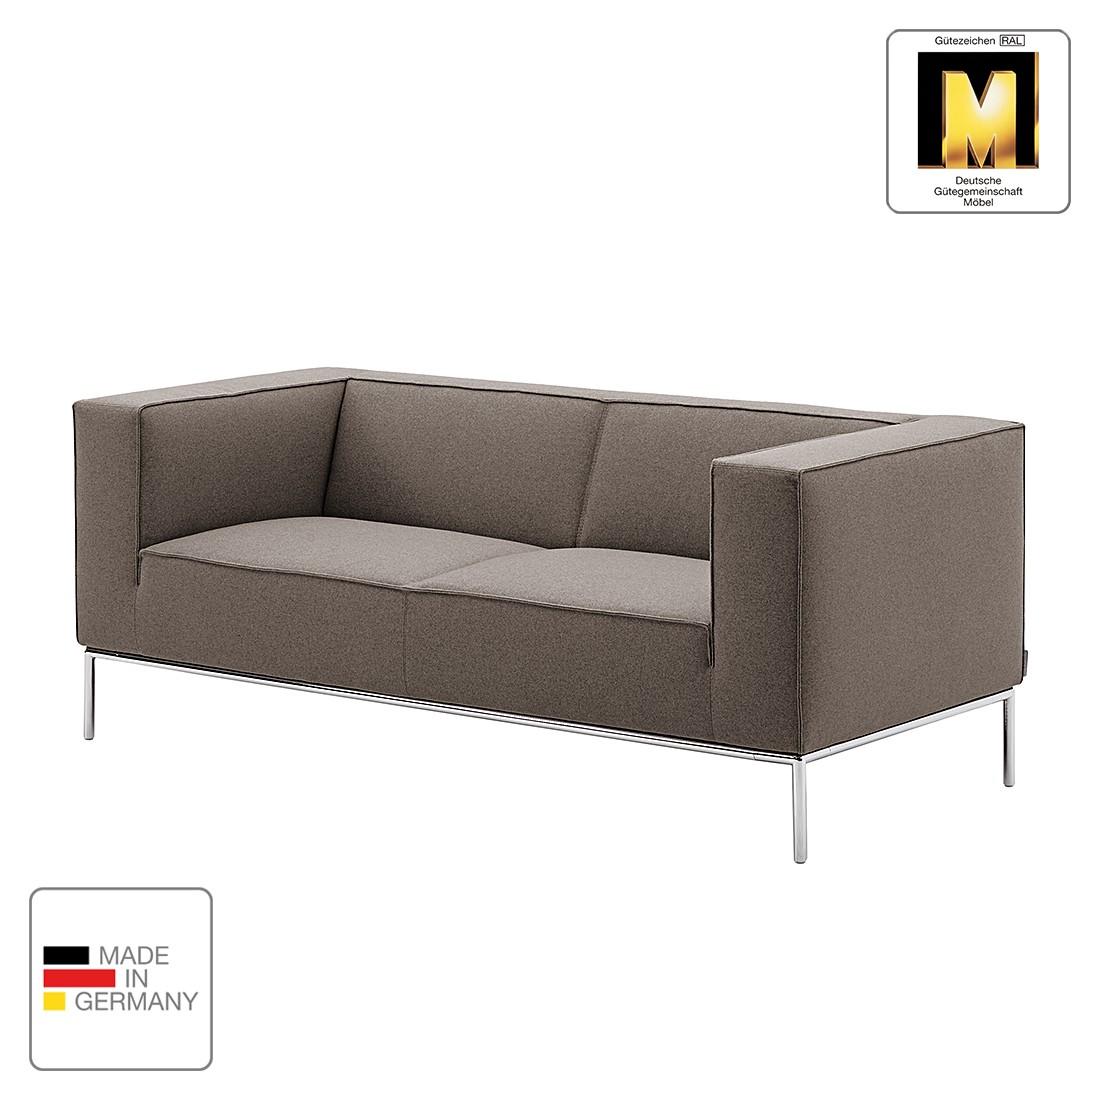 Sofa Greg (2-Sitzer) - Webstoff - Graubraun - Ohne Kissen, Machalke Polsterwerkstätten